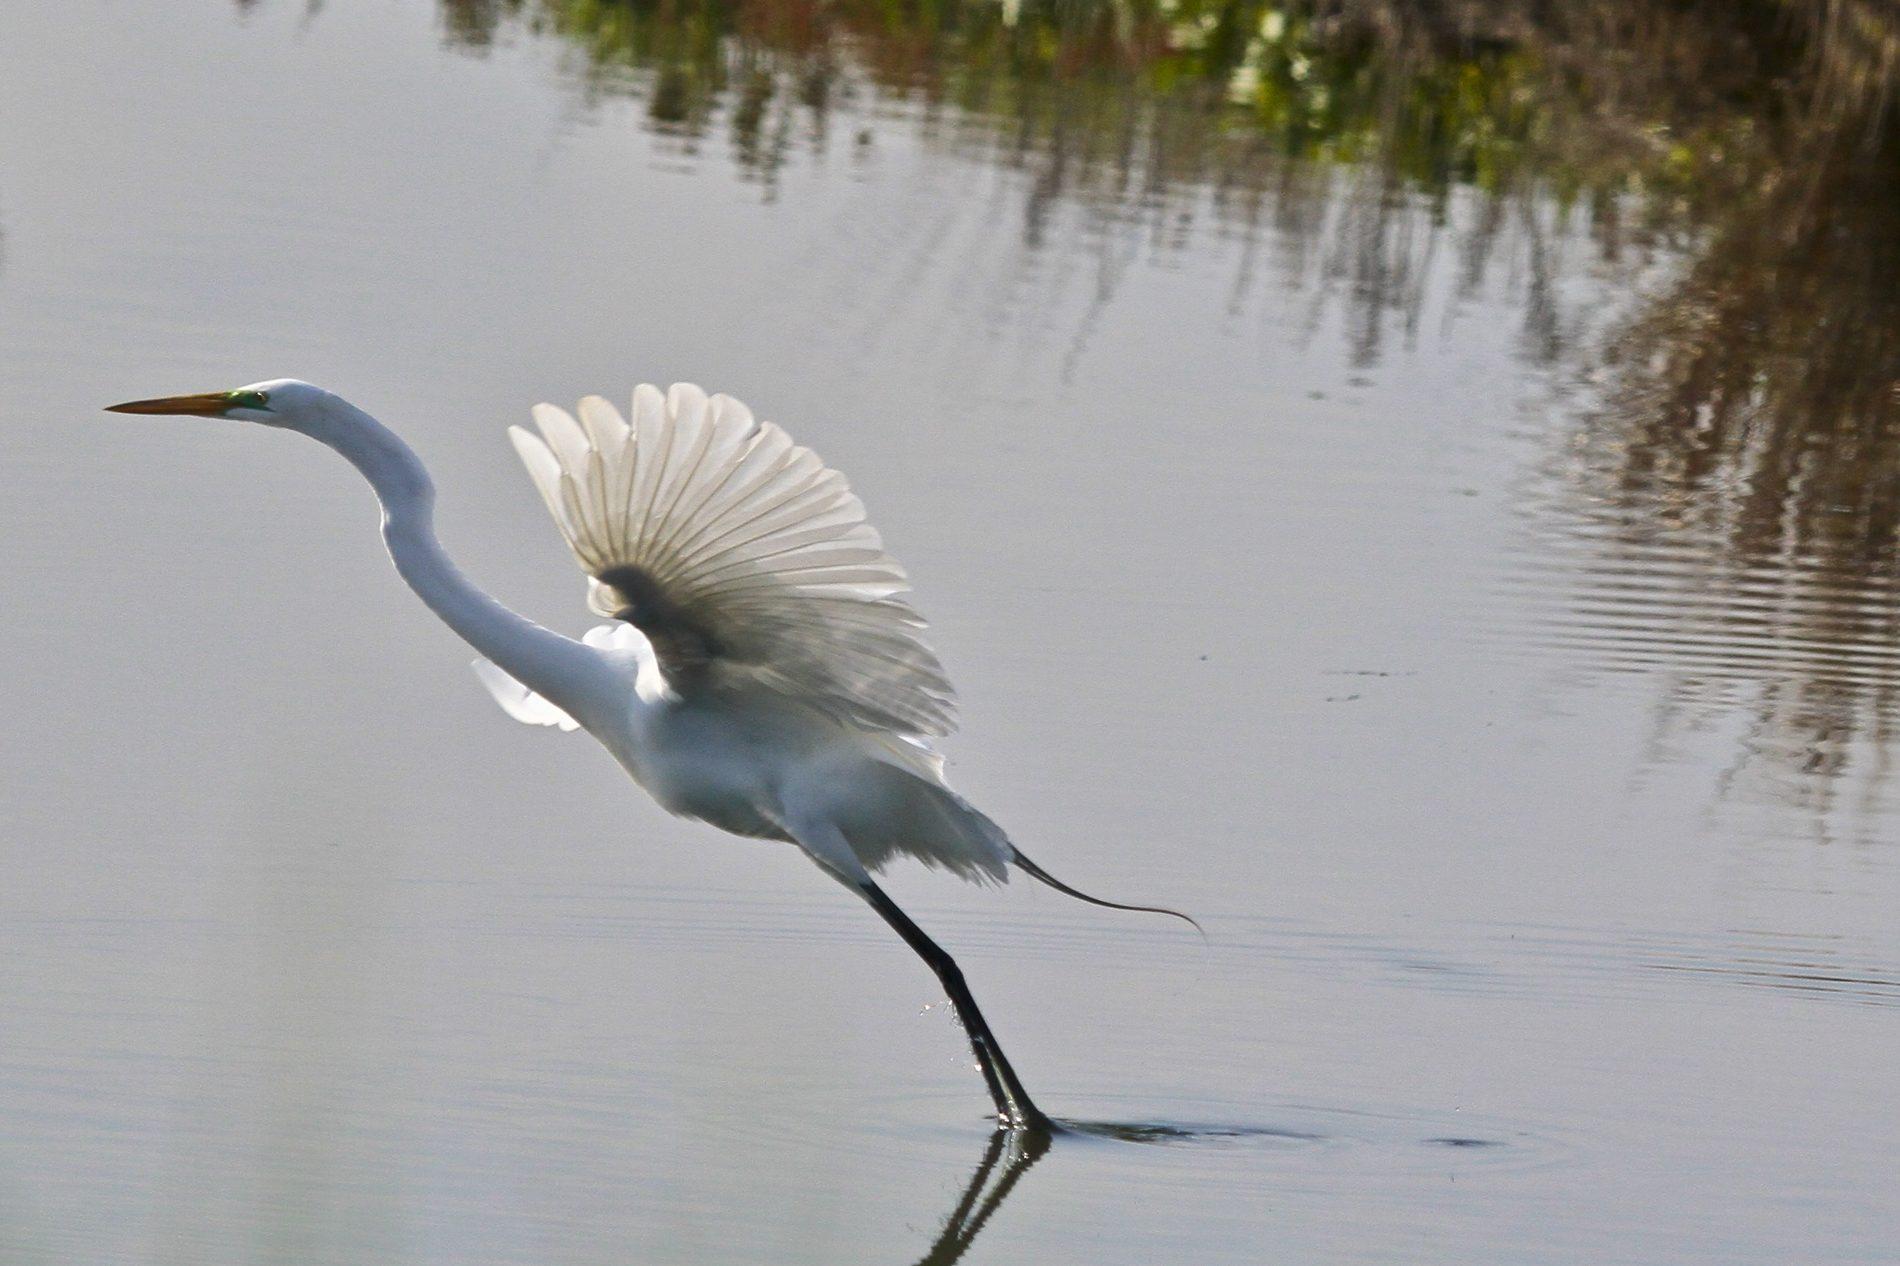 Aká je veľkosť veľkého vtáka